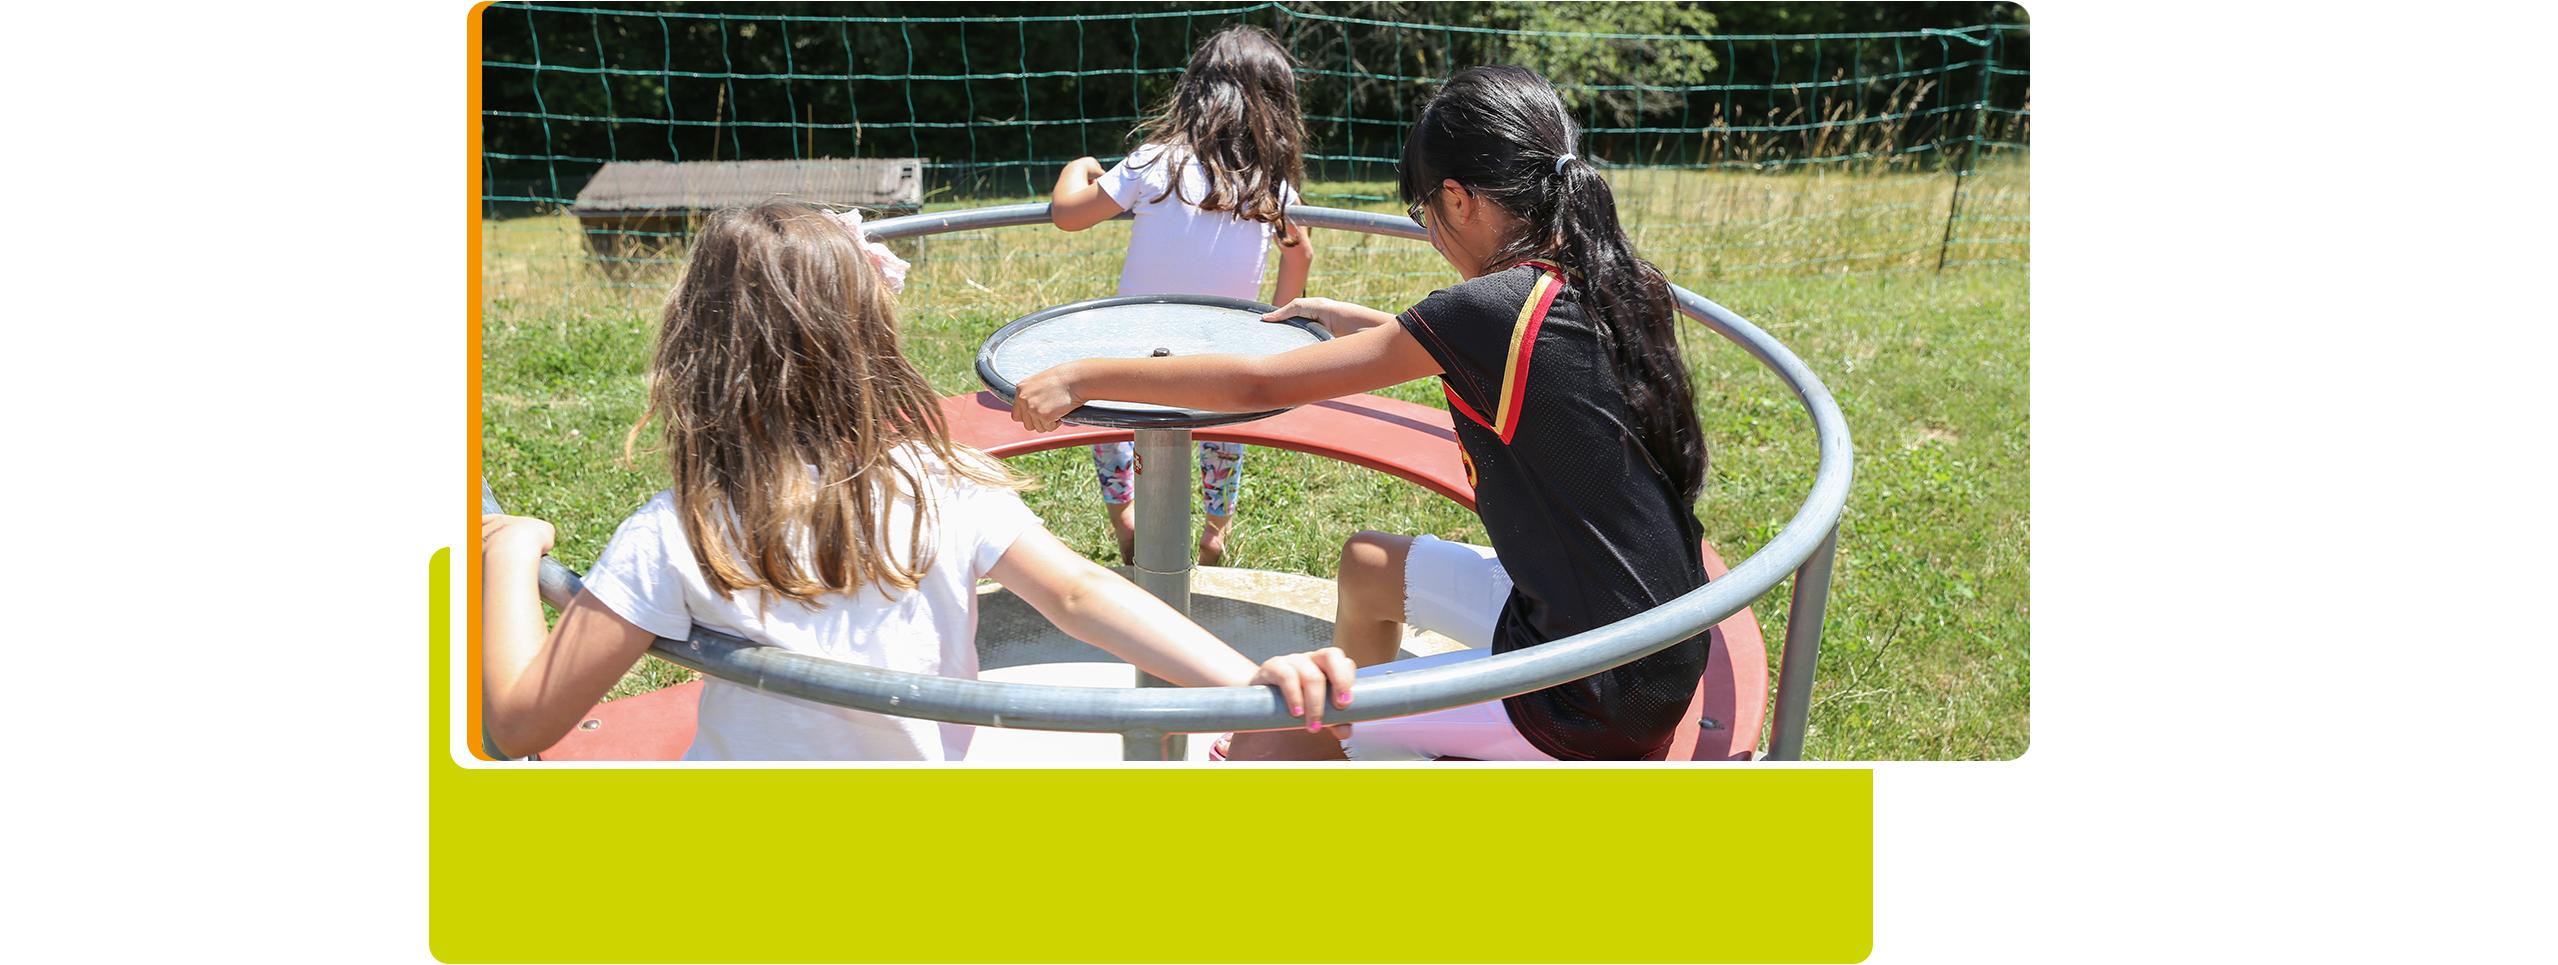 AufBerg_Startseite_Desktop_Spielplatz_3908_190412